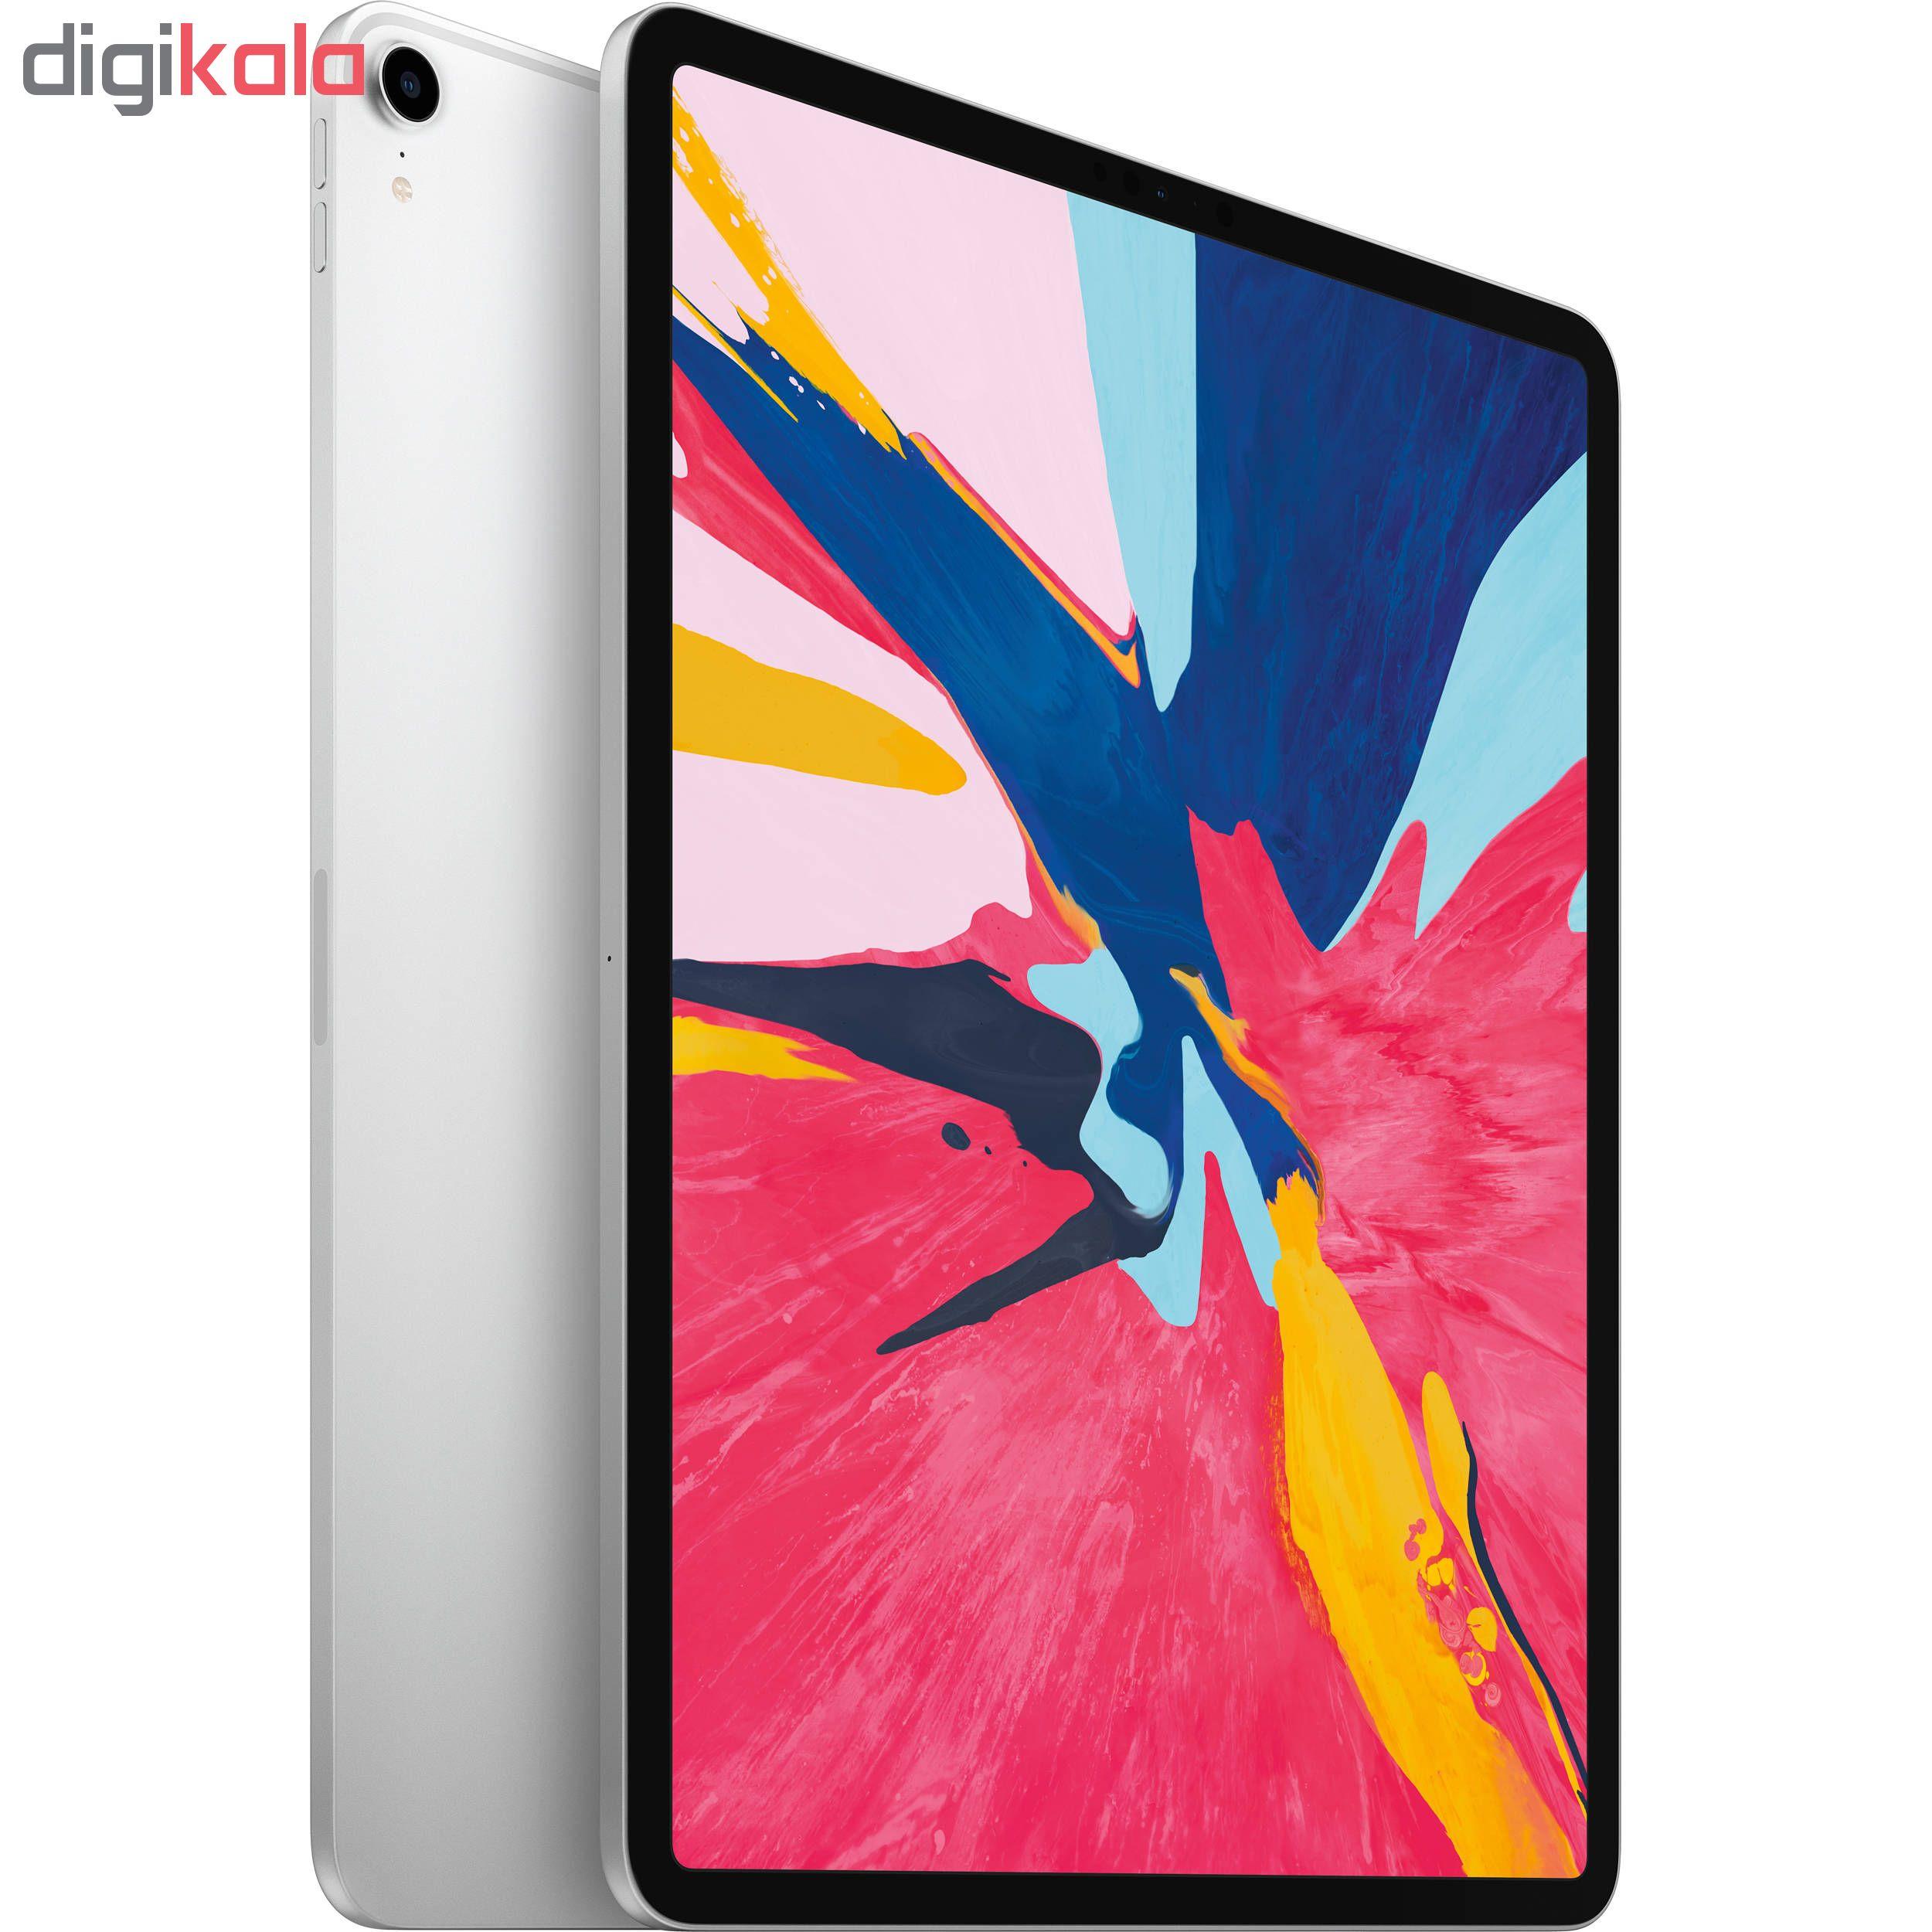 تبلت اپل مدل iPad Pro 2018 12.9 inch 4G ظرفیت 1 ترابایت